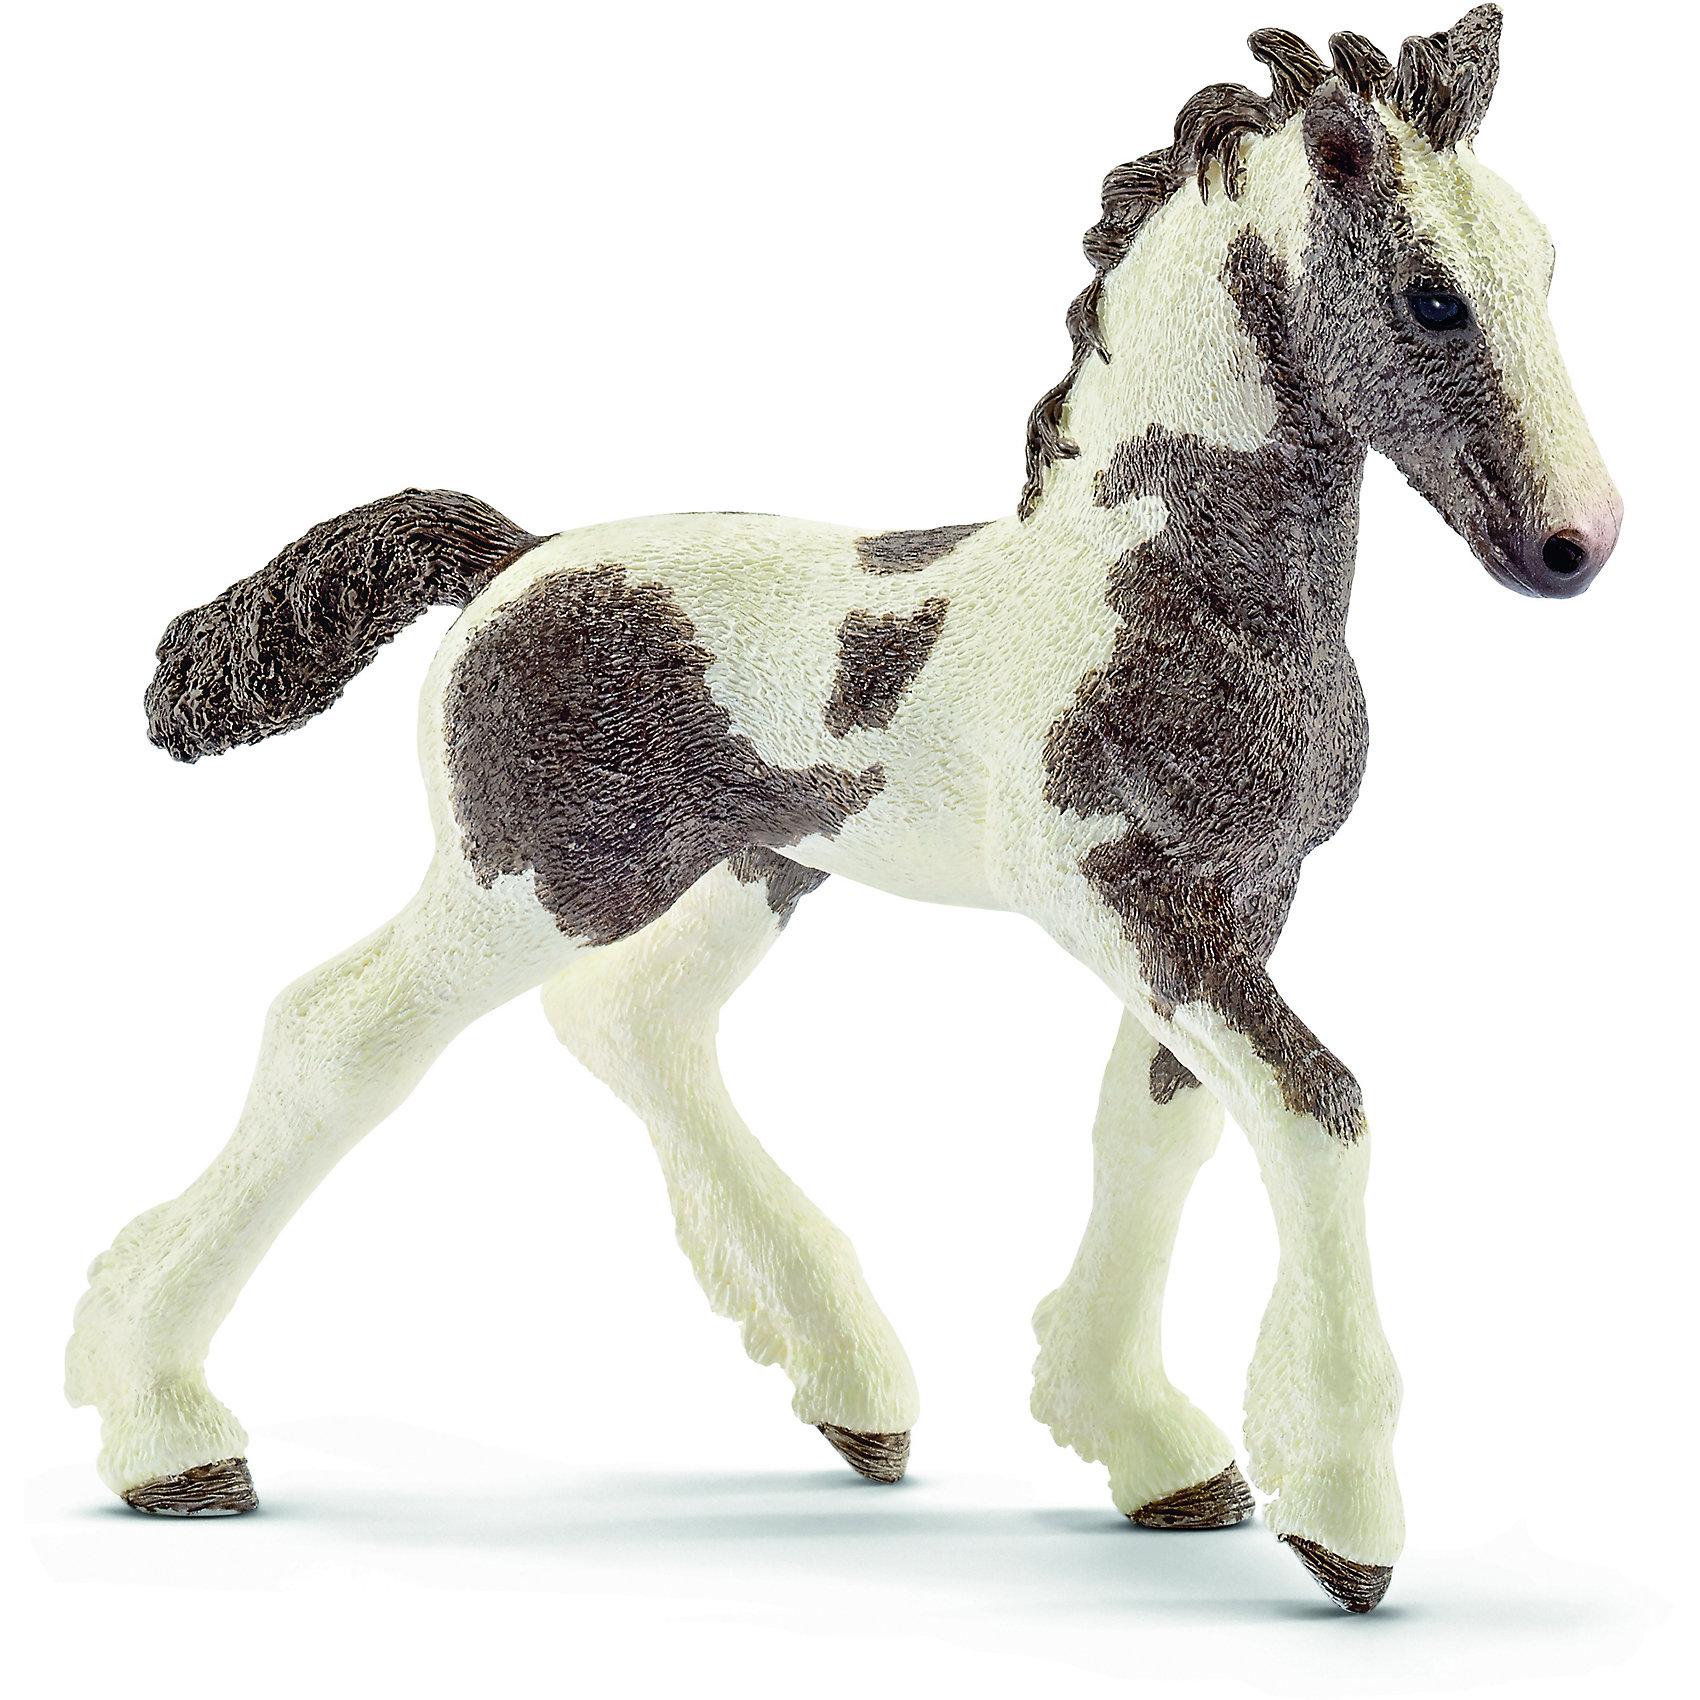 Жеребёнок Тинкер, SchleichМир животных<br>Жеребёнок Тинкер, Schleich (Шляйх) – это высококачественная коллекционная и игровая фигурка.<br>Фигурка жеребёнка Тинкер прекрасно разнообразит игру вашего ребенка и станет отличным пополнением коллекции его фигурок животных. Тинкер или Цыганская упряжная — порода лошадей, сформировавшаяся в Ирландии. В Германии и Голландии эта порода называется «тинкер», в Ирландии — «ирландский коб» или «местной пегой». Цыганская упряжная — универсальная лошадь, подходящая для начинающего всадника. Лошади флегматичны и спокойны. Они имеют средний рост, широкое тело. Голова лошади массивная и грубая, имеет бородку и горбатый профиль. У этой породы очень густые грива, чёлка и хвост. Круп лошади мощный и рельефный, спина прямая и короткая, шея сильная и короткая, плечи мощные. Ноги сильные и крепкие. Копыта очень прочные, сильно оброслые — густые фризы на копытах начинаются от скакательных и запястных суставов и закрывают почти всё копыто. <br><br>Прекрасно выполненные фигурки Schleich (Шляйх) являются максимально точной копией настоящих животных и отличаются высочайшим качеством игрушек ручной работы. Каждая фигурка разработана с учетом исследований в области педагогики и производится как настоящее произведение для маленьких детских ручек. Все фигурки Schleich (Шляйх) сделаны из гипоаллергенных высокотехнологичных материалов, раскрашены вручную и не вызывают аллергии у ребенка.<br><br>Дополнительная информация:<br><br>- Размер фигурки: 9 x 9,5 x 3 см.<br>- Материал: высококачественный каучуковый пластик<br><br>Фигурку Жеребёнка Тинкер, Schleich (Шляйх) можно купить в нашем интернет-магазине.<br><br>Ширина мм: 98<br>Глубина мм: 96<br>Высота мм: 27<br>Вес г: 42<br>Возраст от месяцев: 36<br>Возраст до месяцев: 96<br>Пол: Женский<br>Возраст: Детский<br>SKU: 3902499